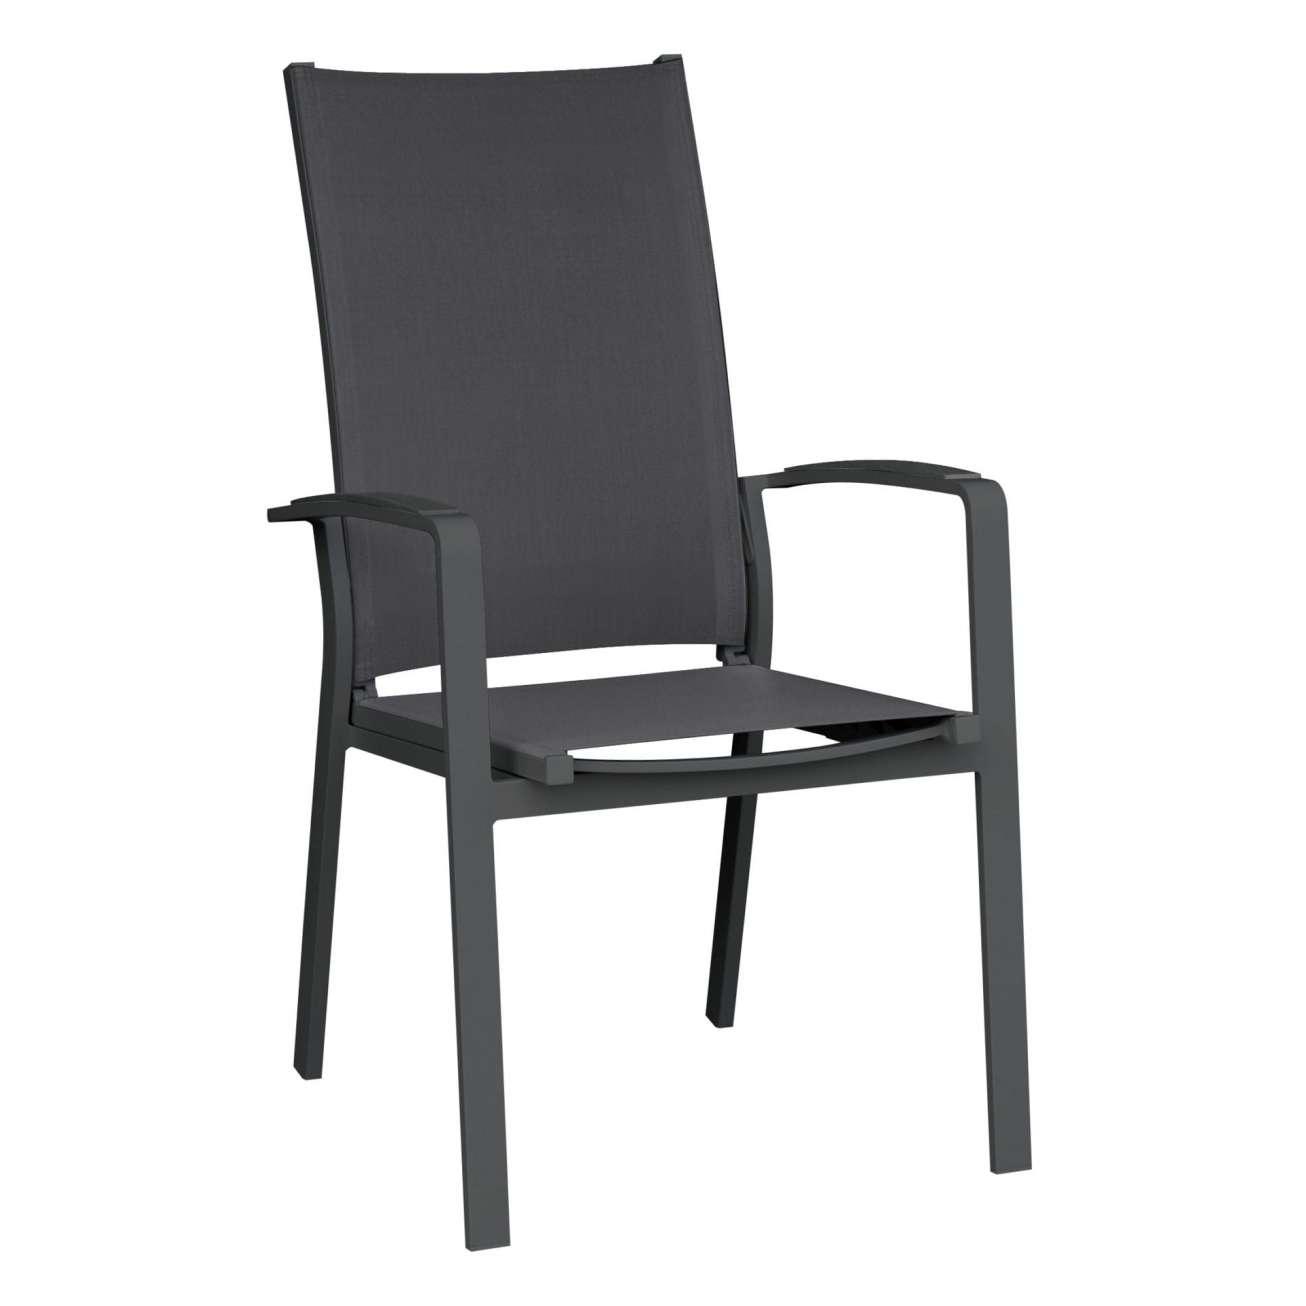 Ny-100511black Hagemøbler og utemøbler - Fine design